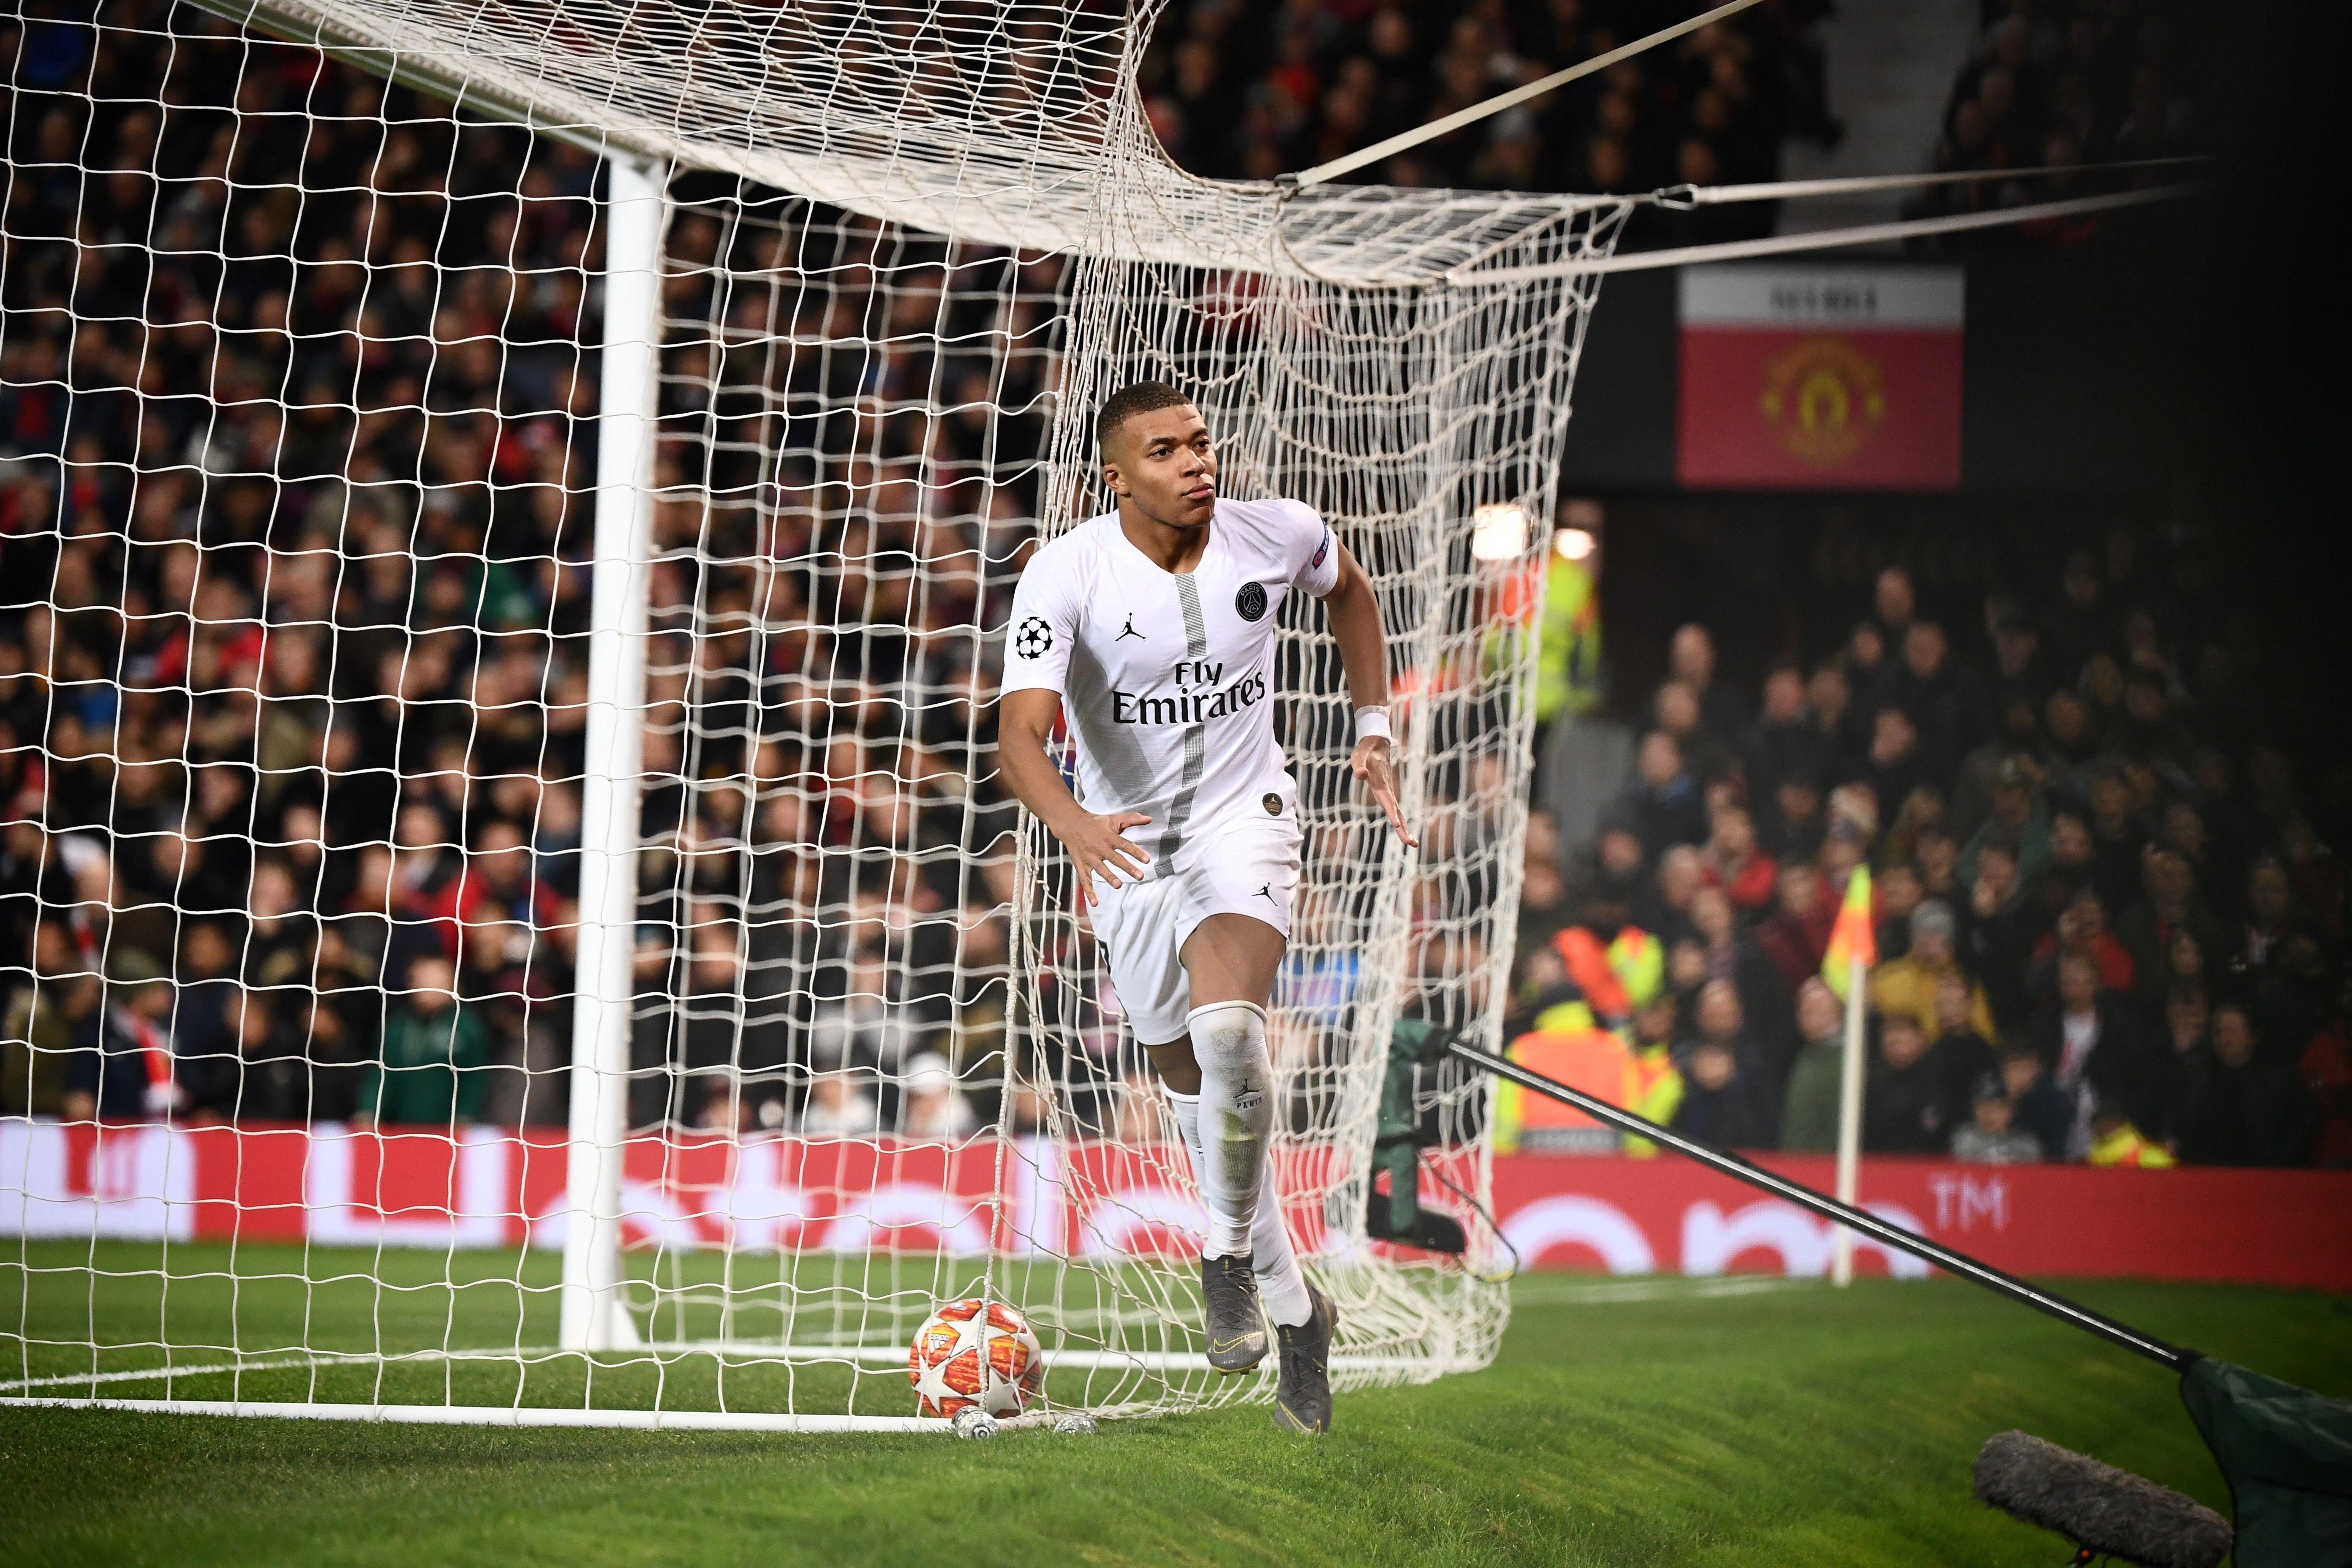 LDC: Kylian Mbappé bat le record de Zidane et Ronaldo-VIDEO